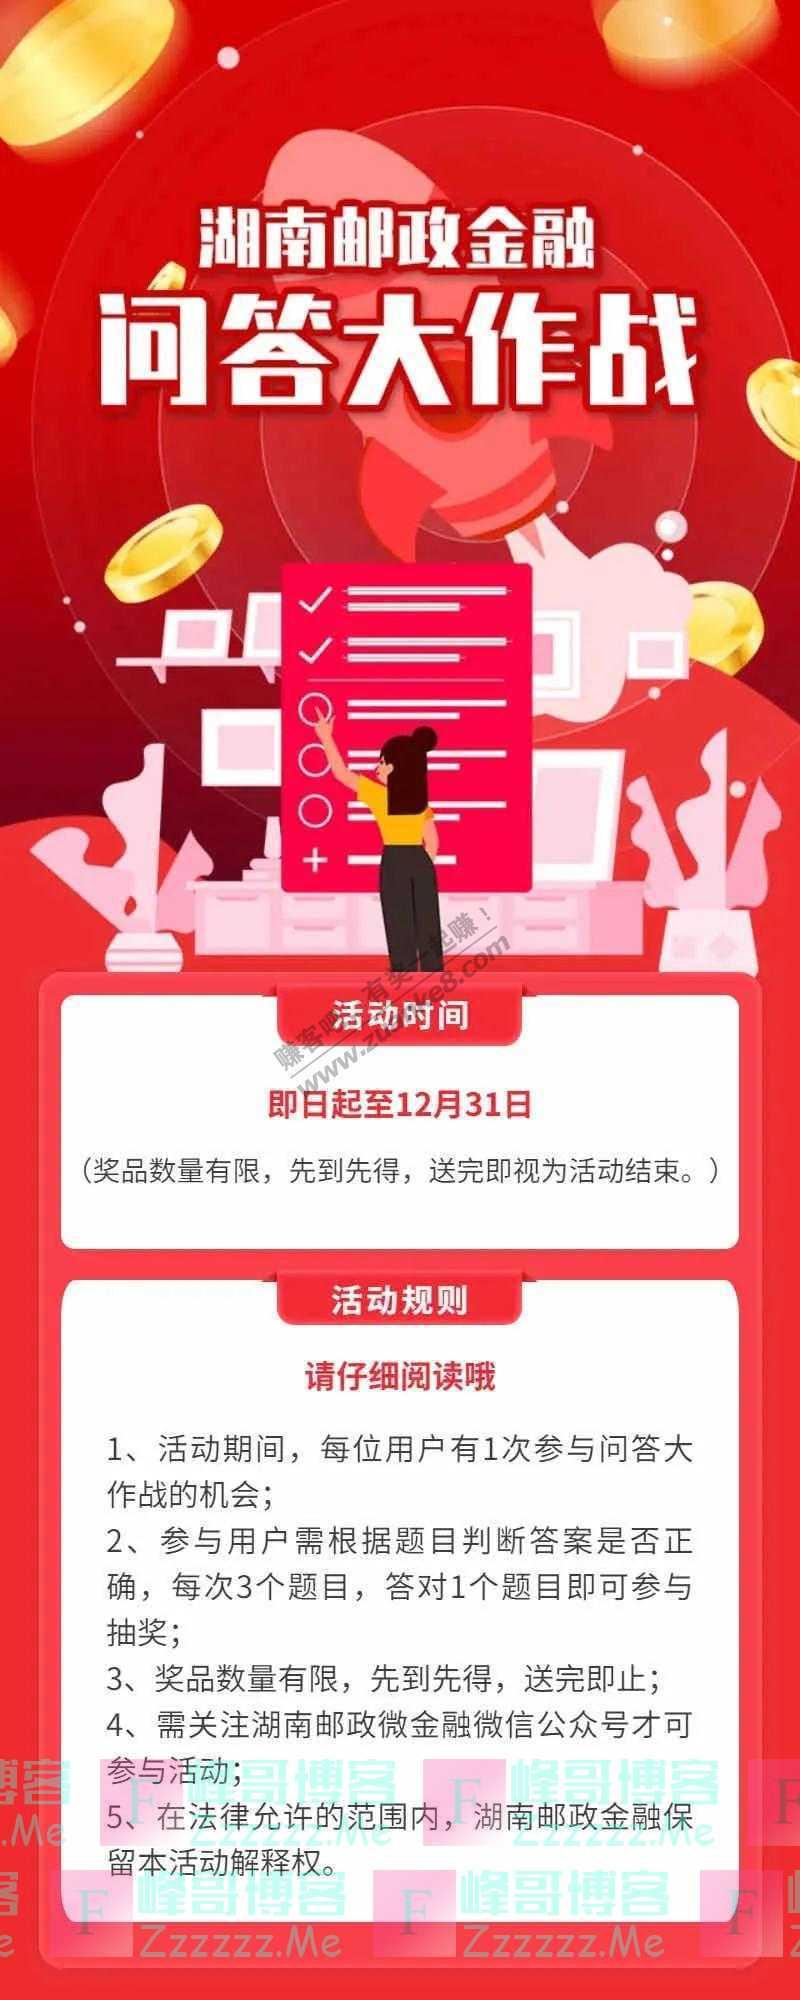 湖南邮政微金融有奖问答 | 万元福利等你瓜分(截止12月31日)